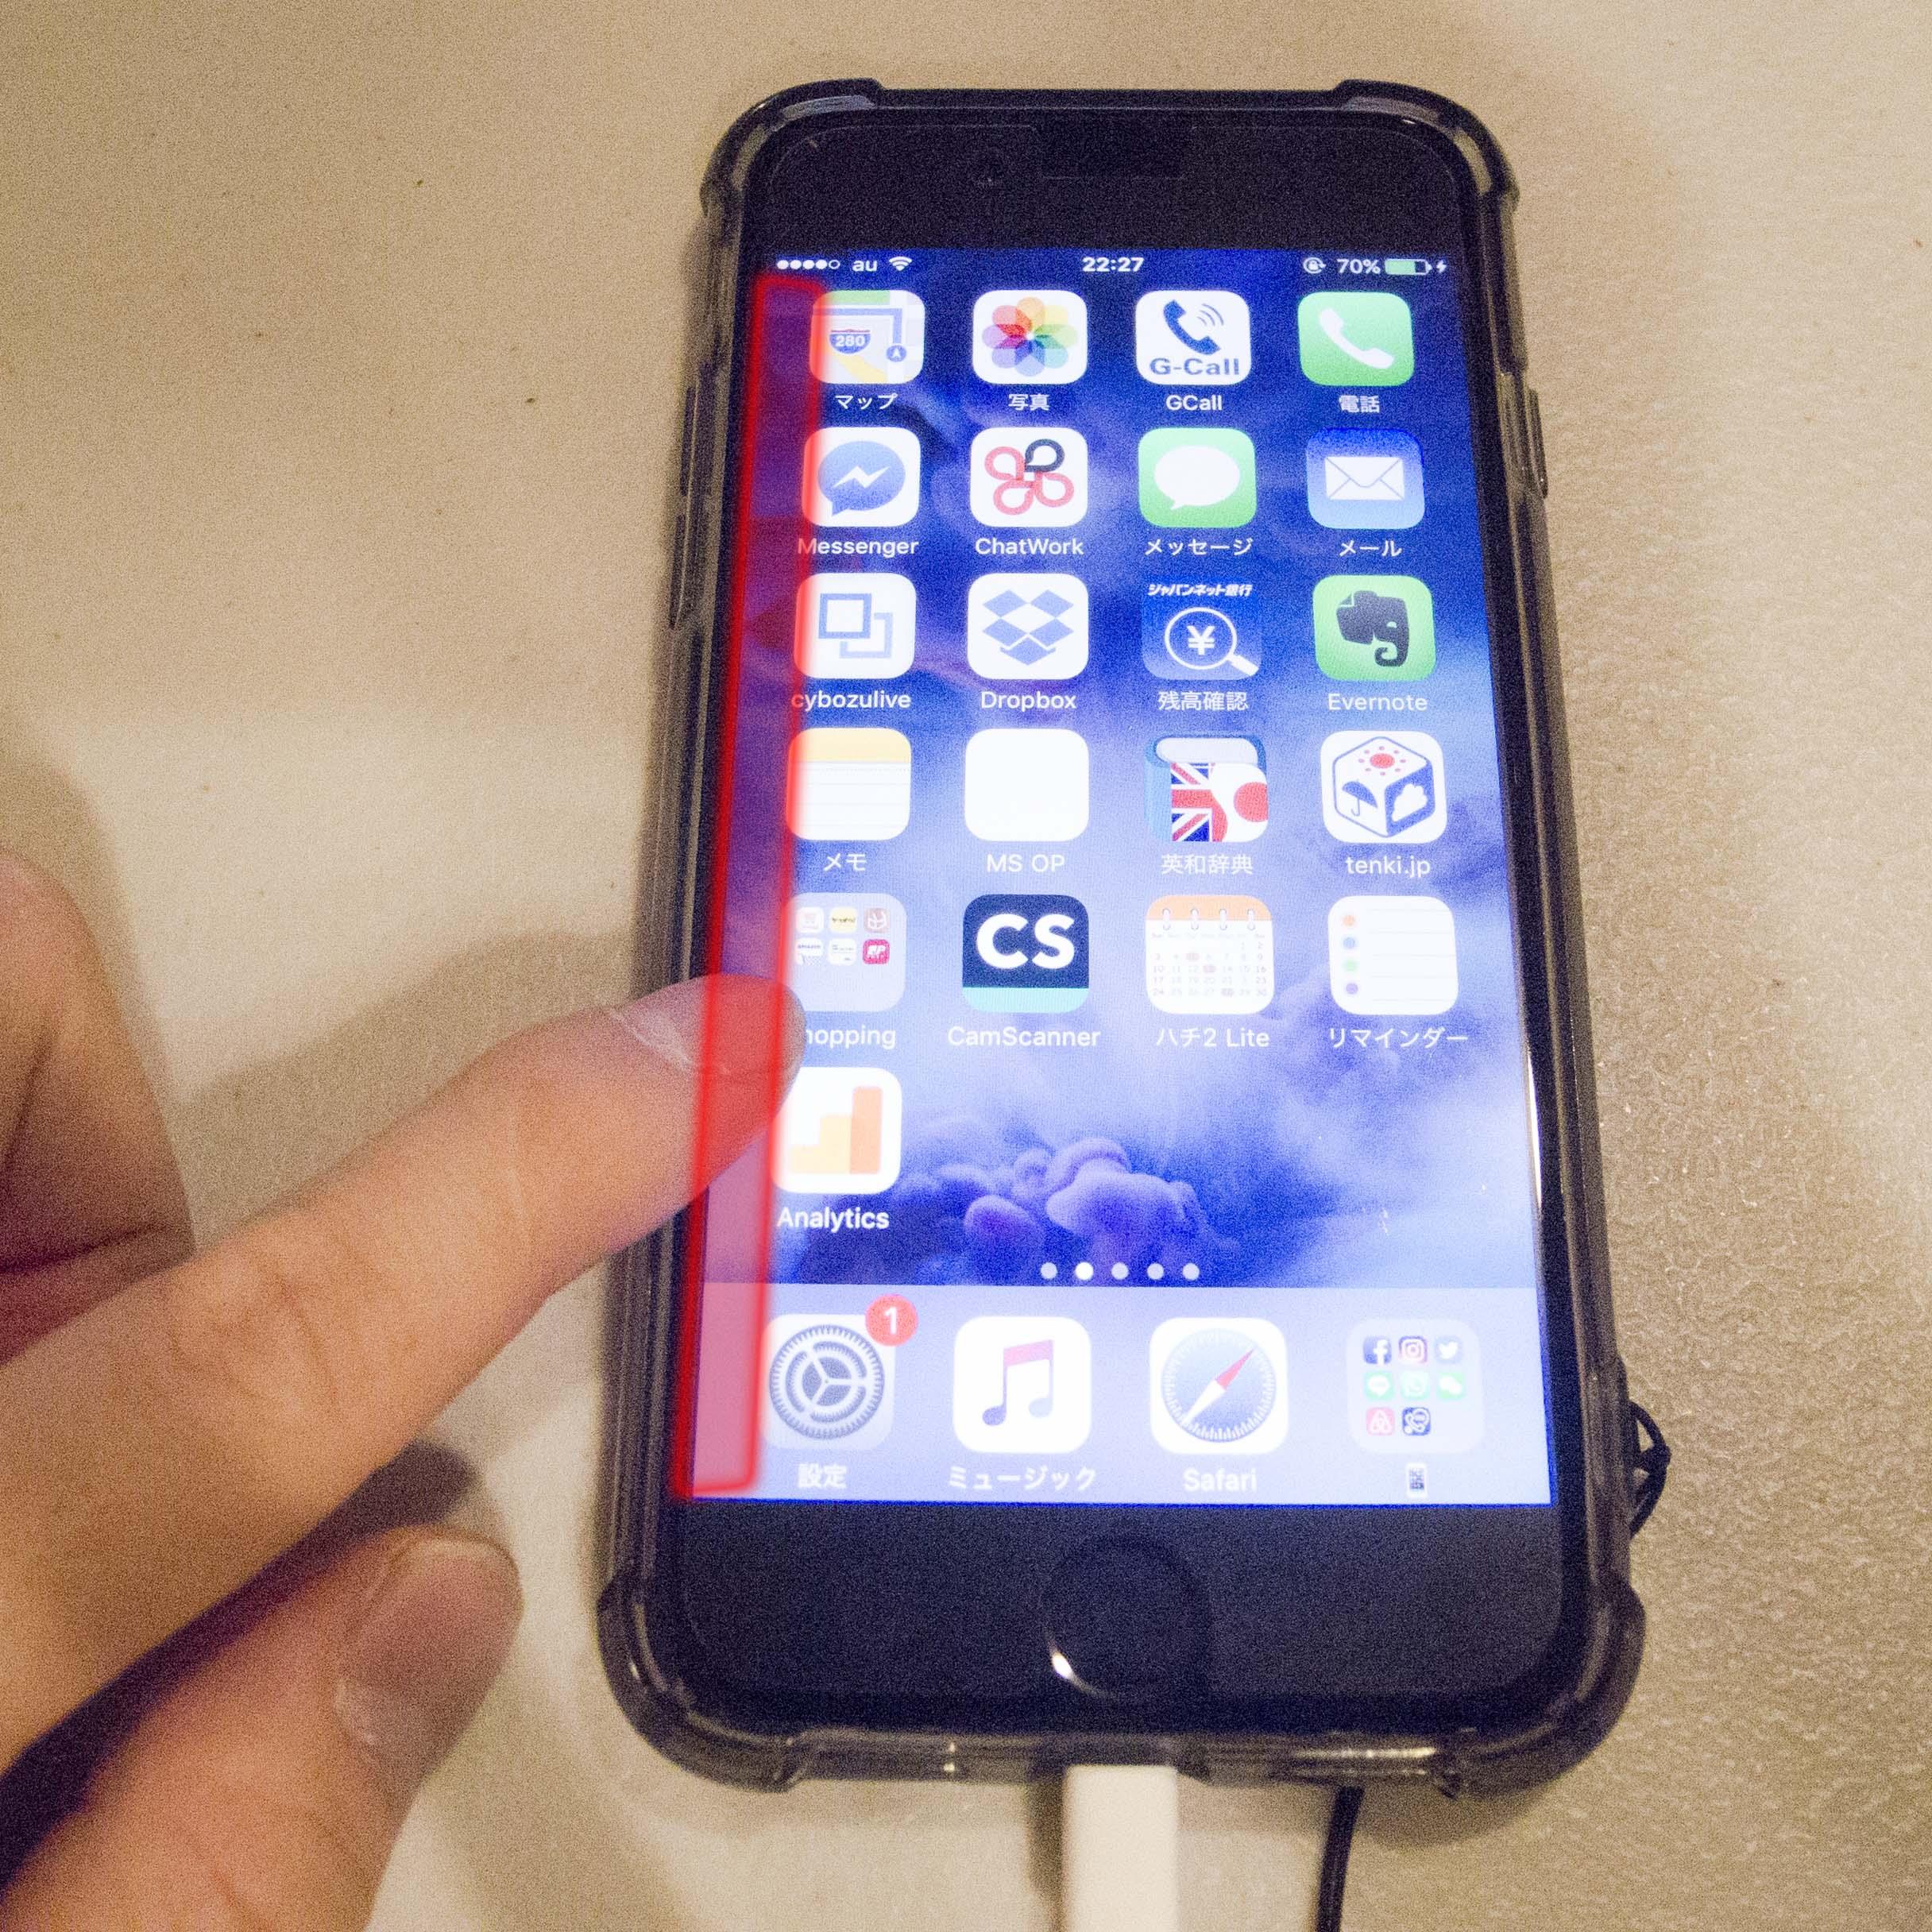 【iPhone7】脱ホームボタン2回押し。サイドラインで起動アプリを消す方法。